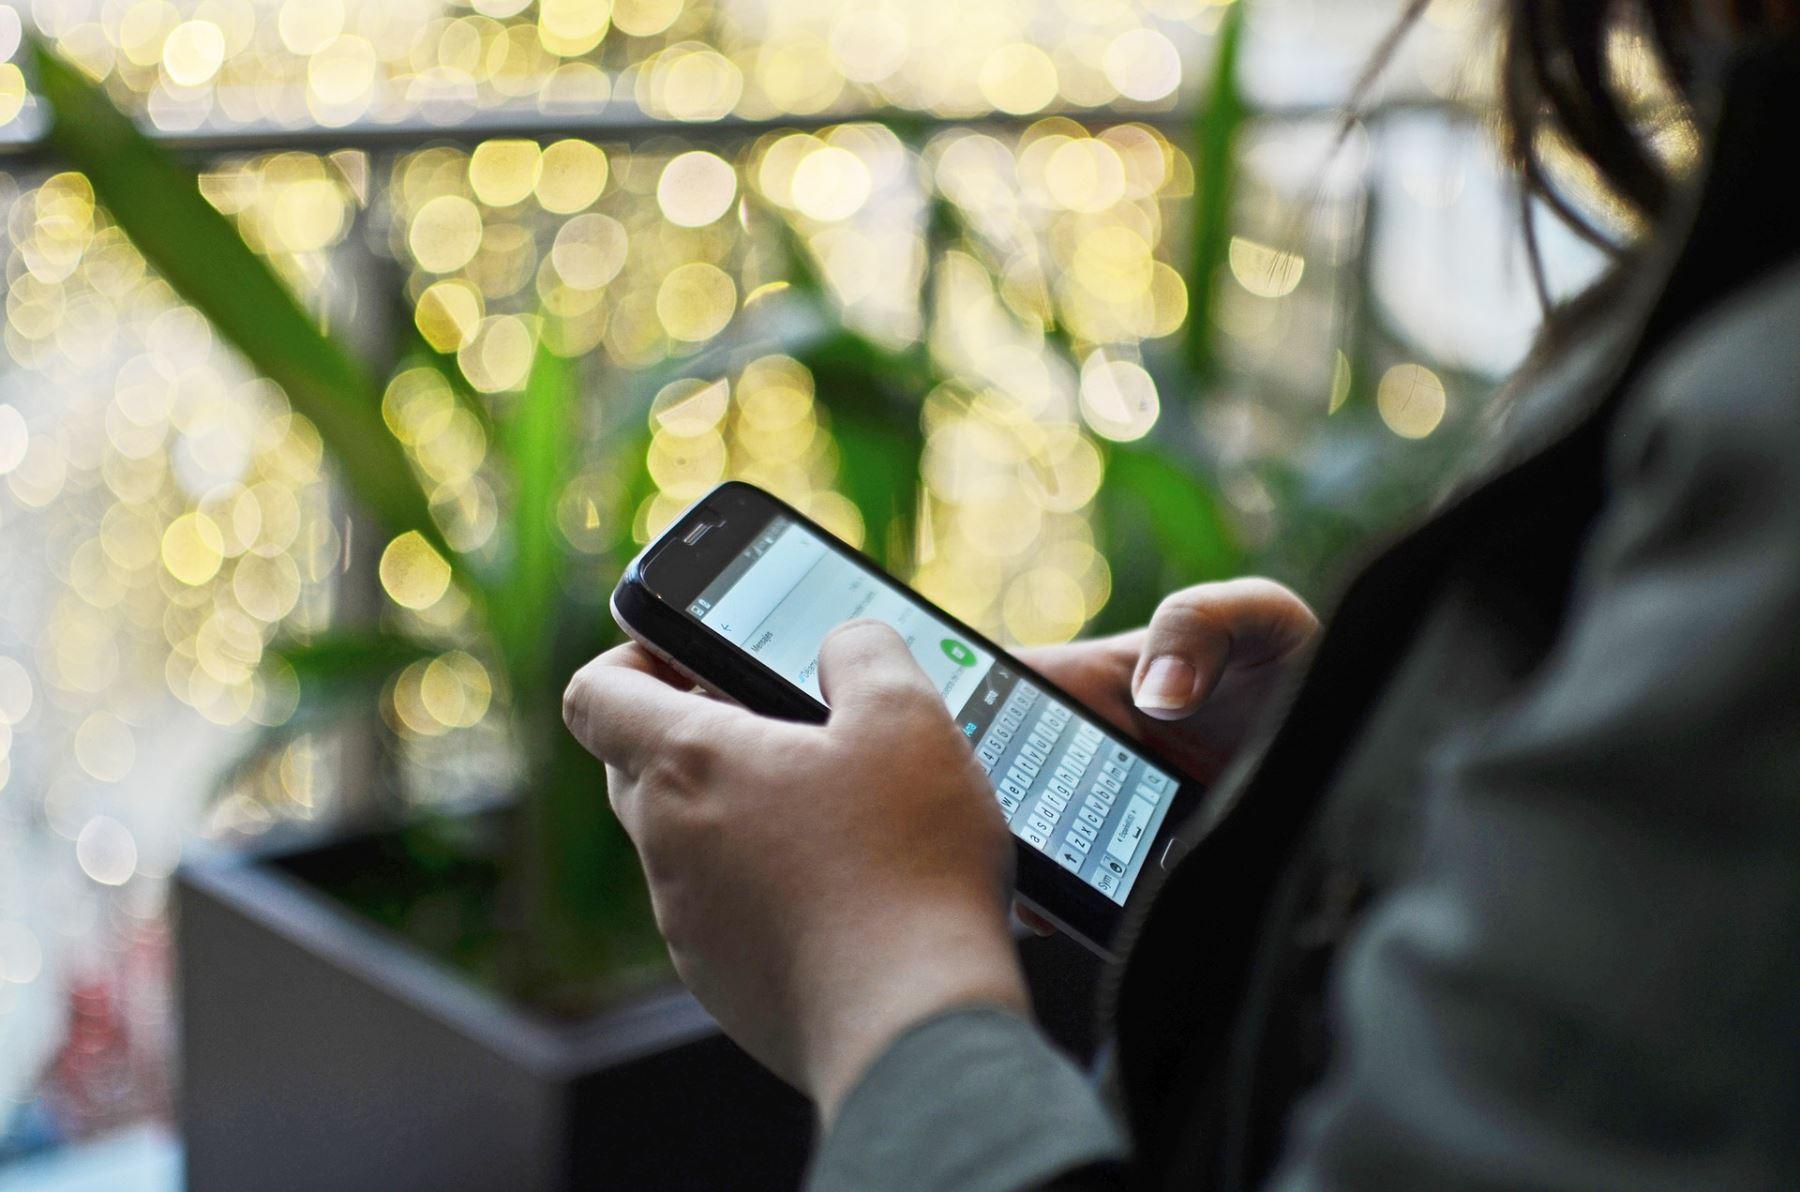 El vishing es un ataque peligrosamente eficaz que consiste en una comunicación telefónica o vía mensaje de voz haciéndose pasar por una empresa o entidad confiable con la intención de engañar a la víctima y convencerla de que realice una acción que va en contra de sus intereses.